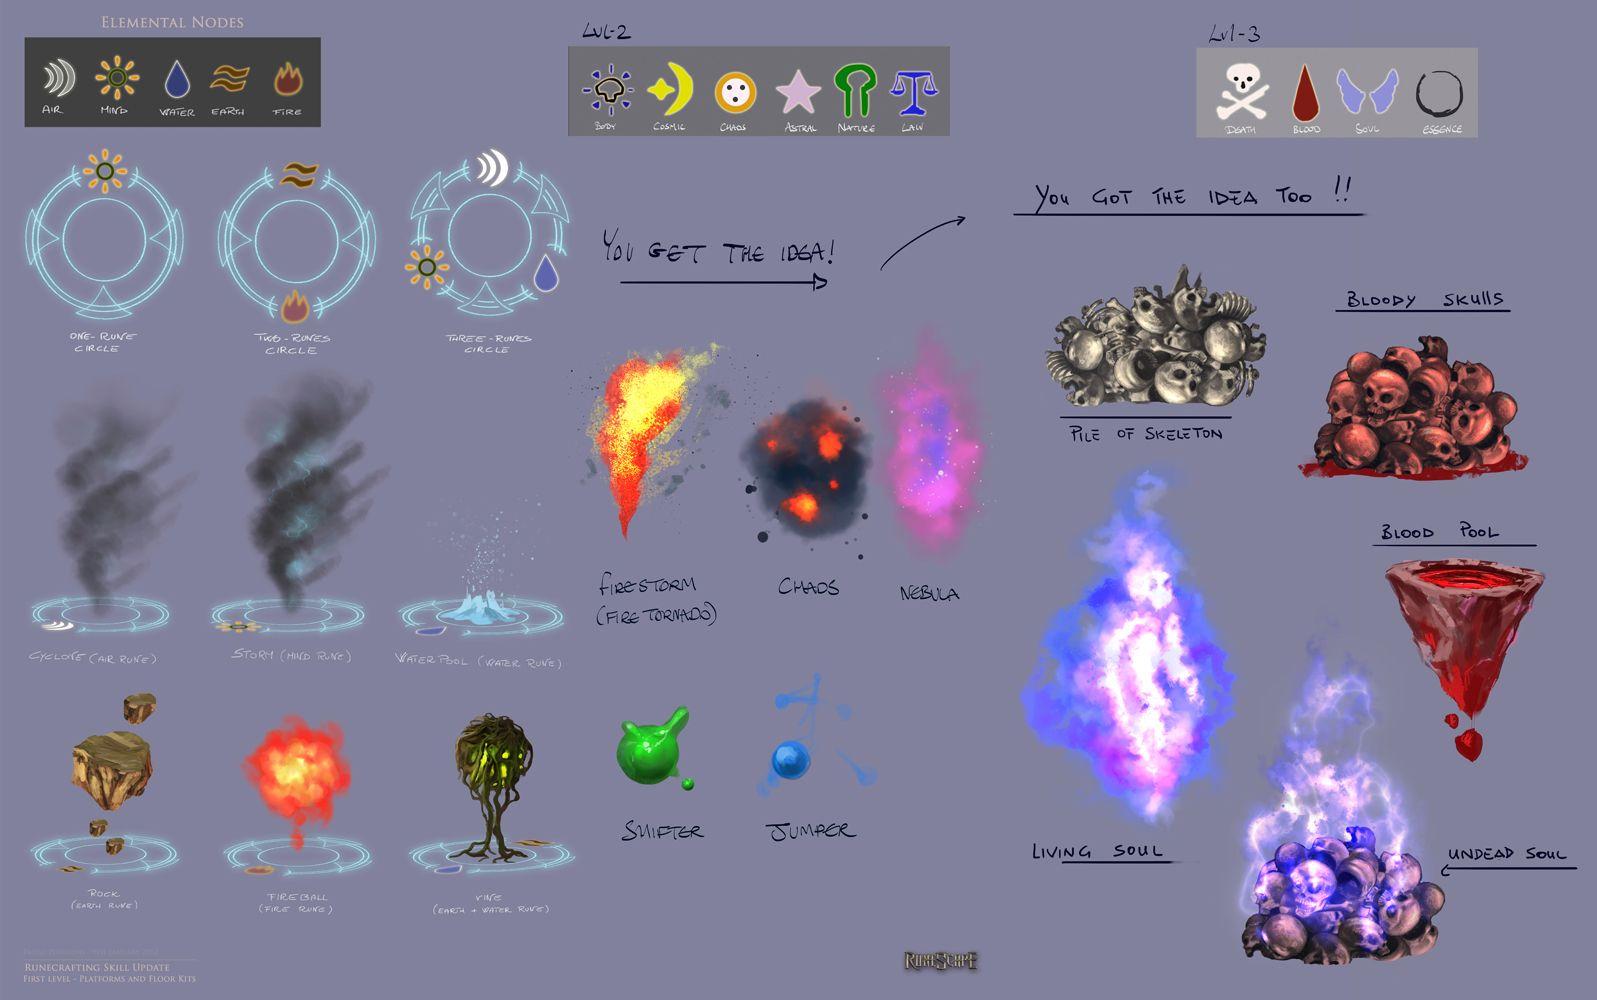 Runes Magic Portal Concept Art Google Search Art Google